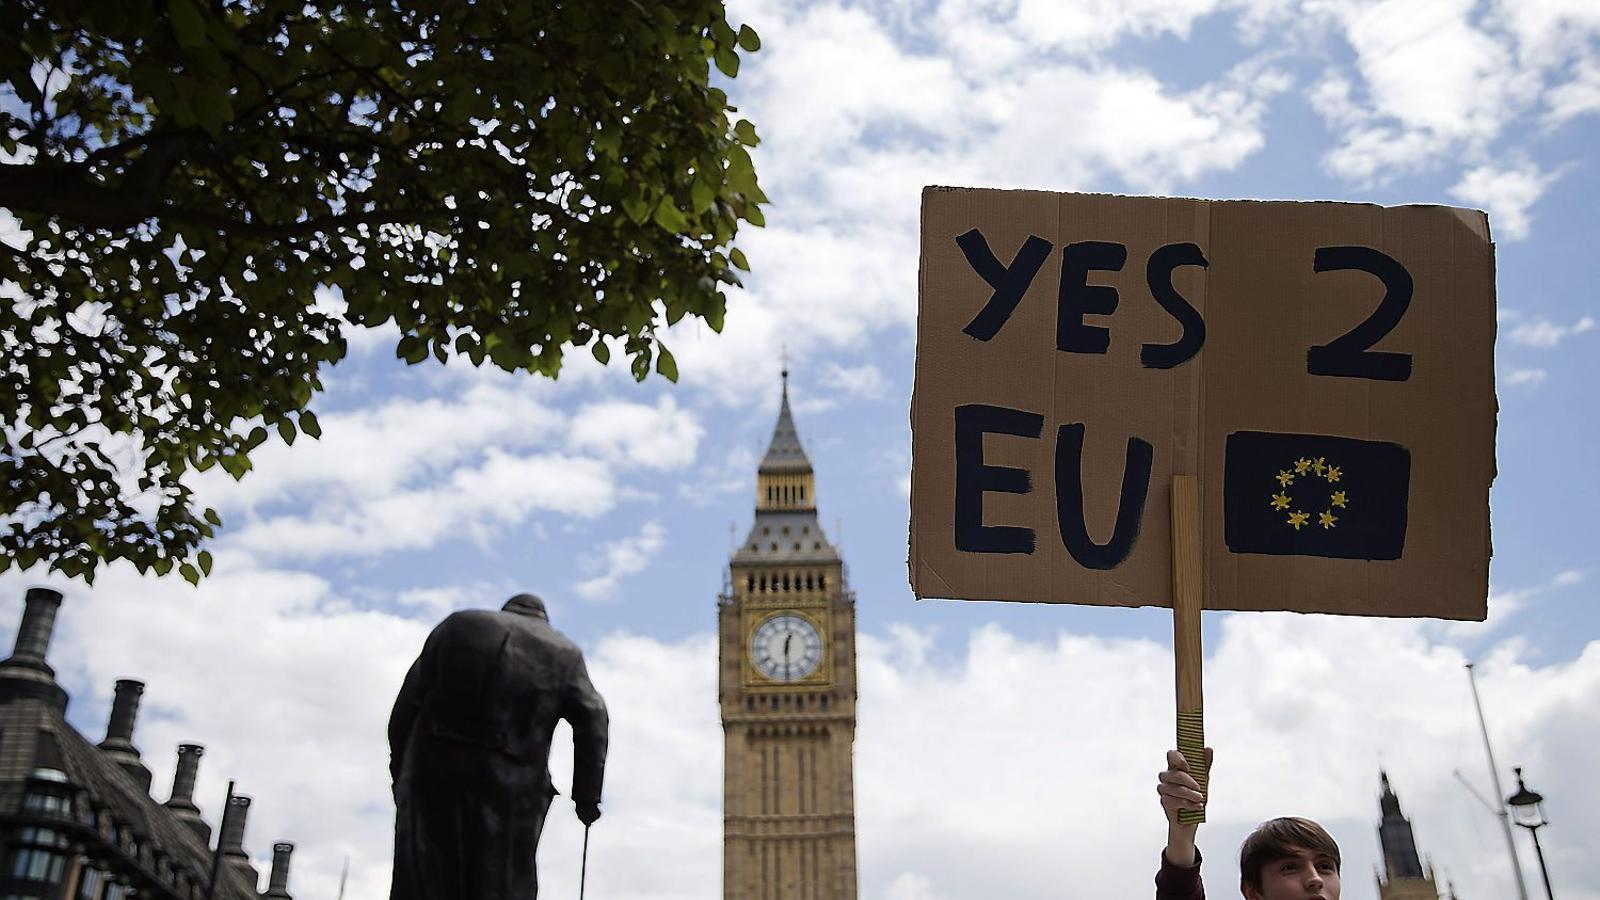 Una manifestació proeuropea davant del Palau de Westminster en què s'han succeït les mostres de suport a la UE.